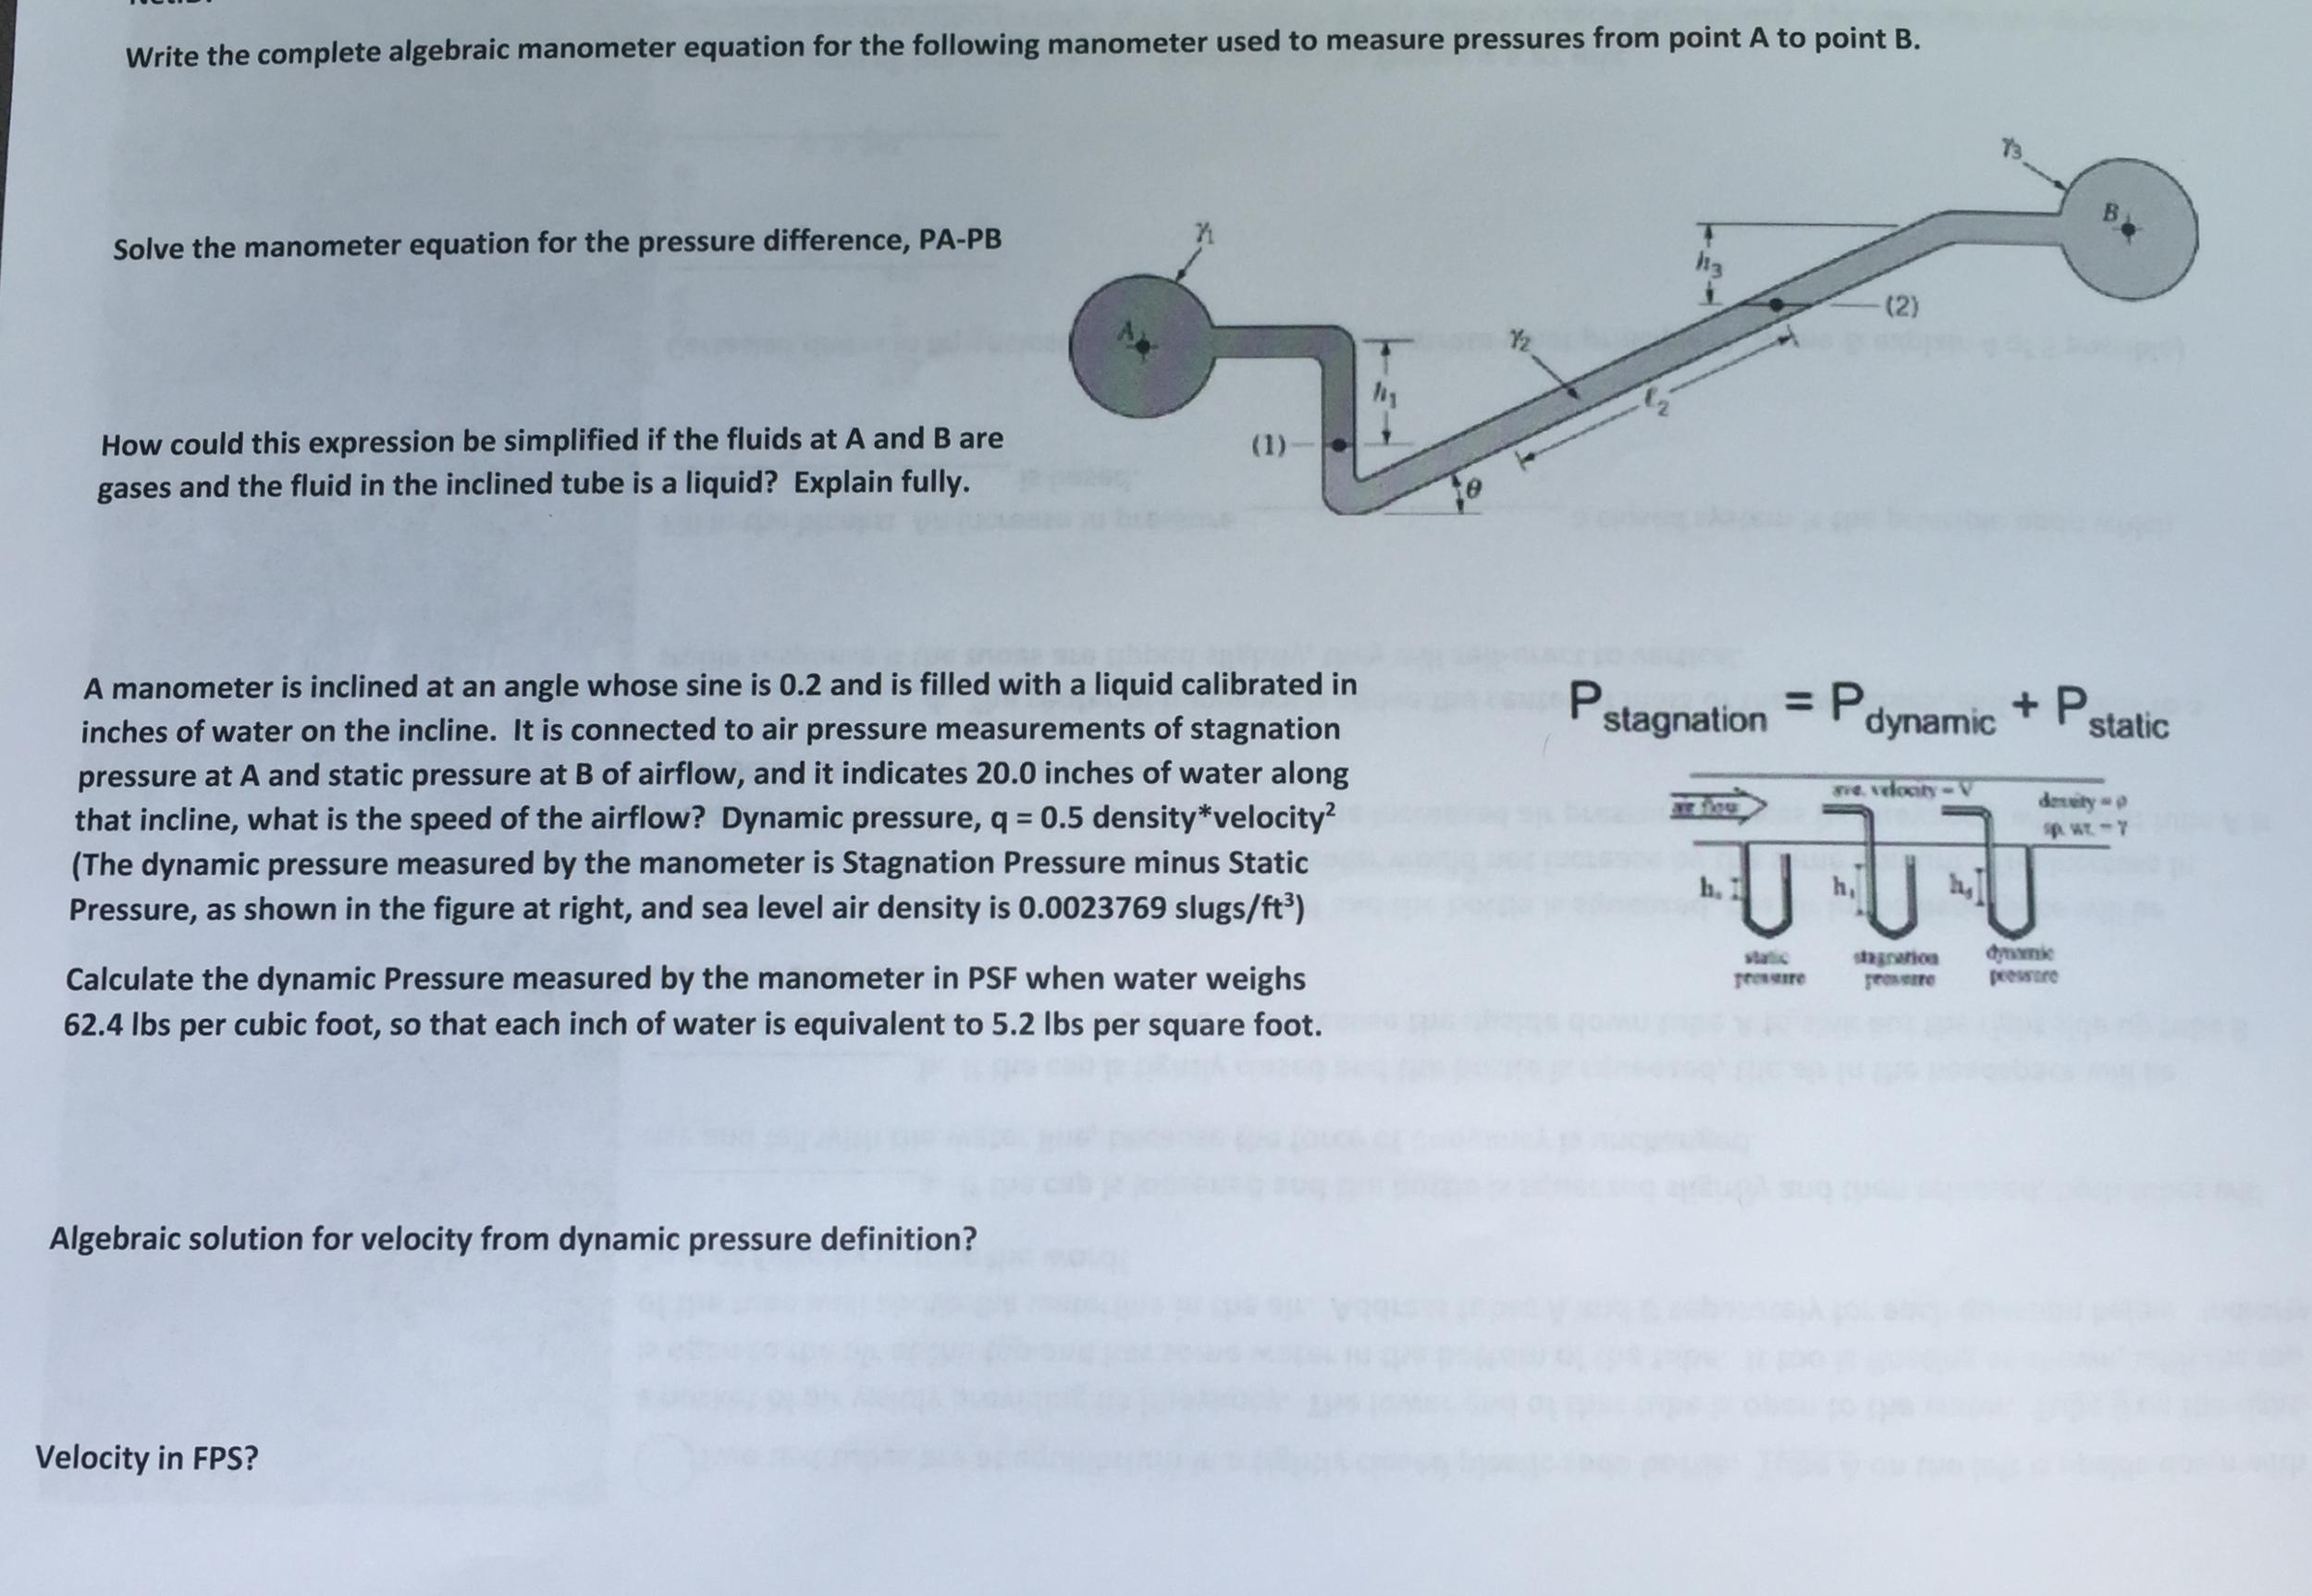 Write The Complete Algebraic Manometer Equation Fo... | Chegg.com